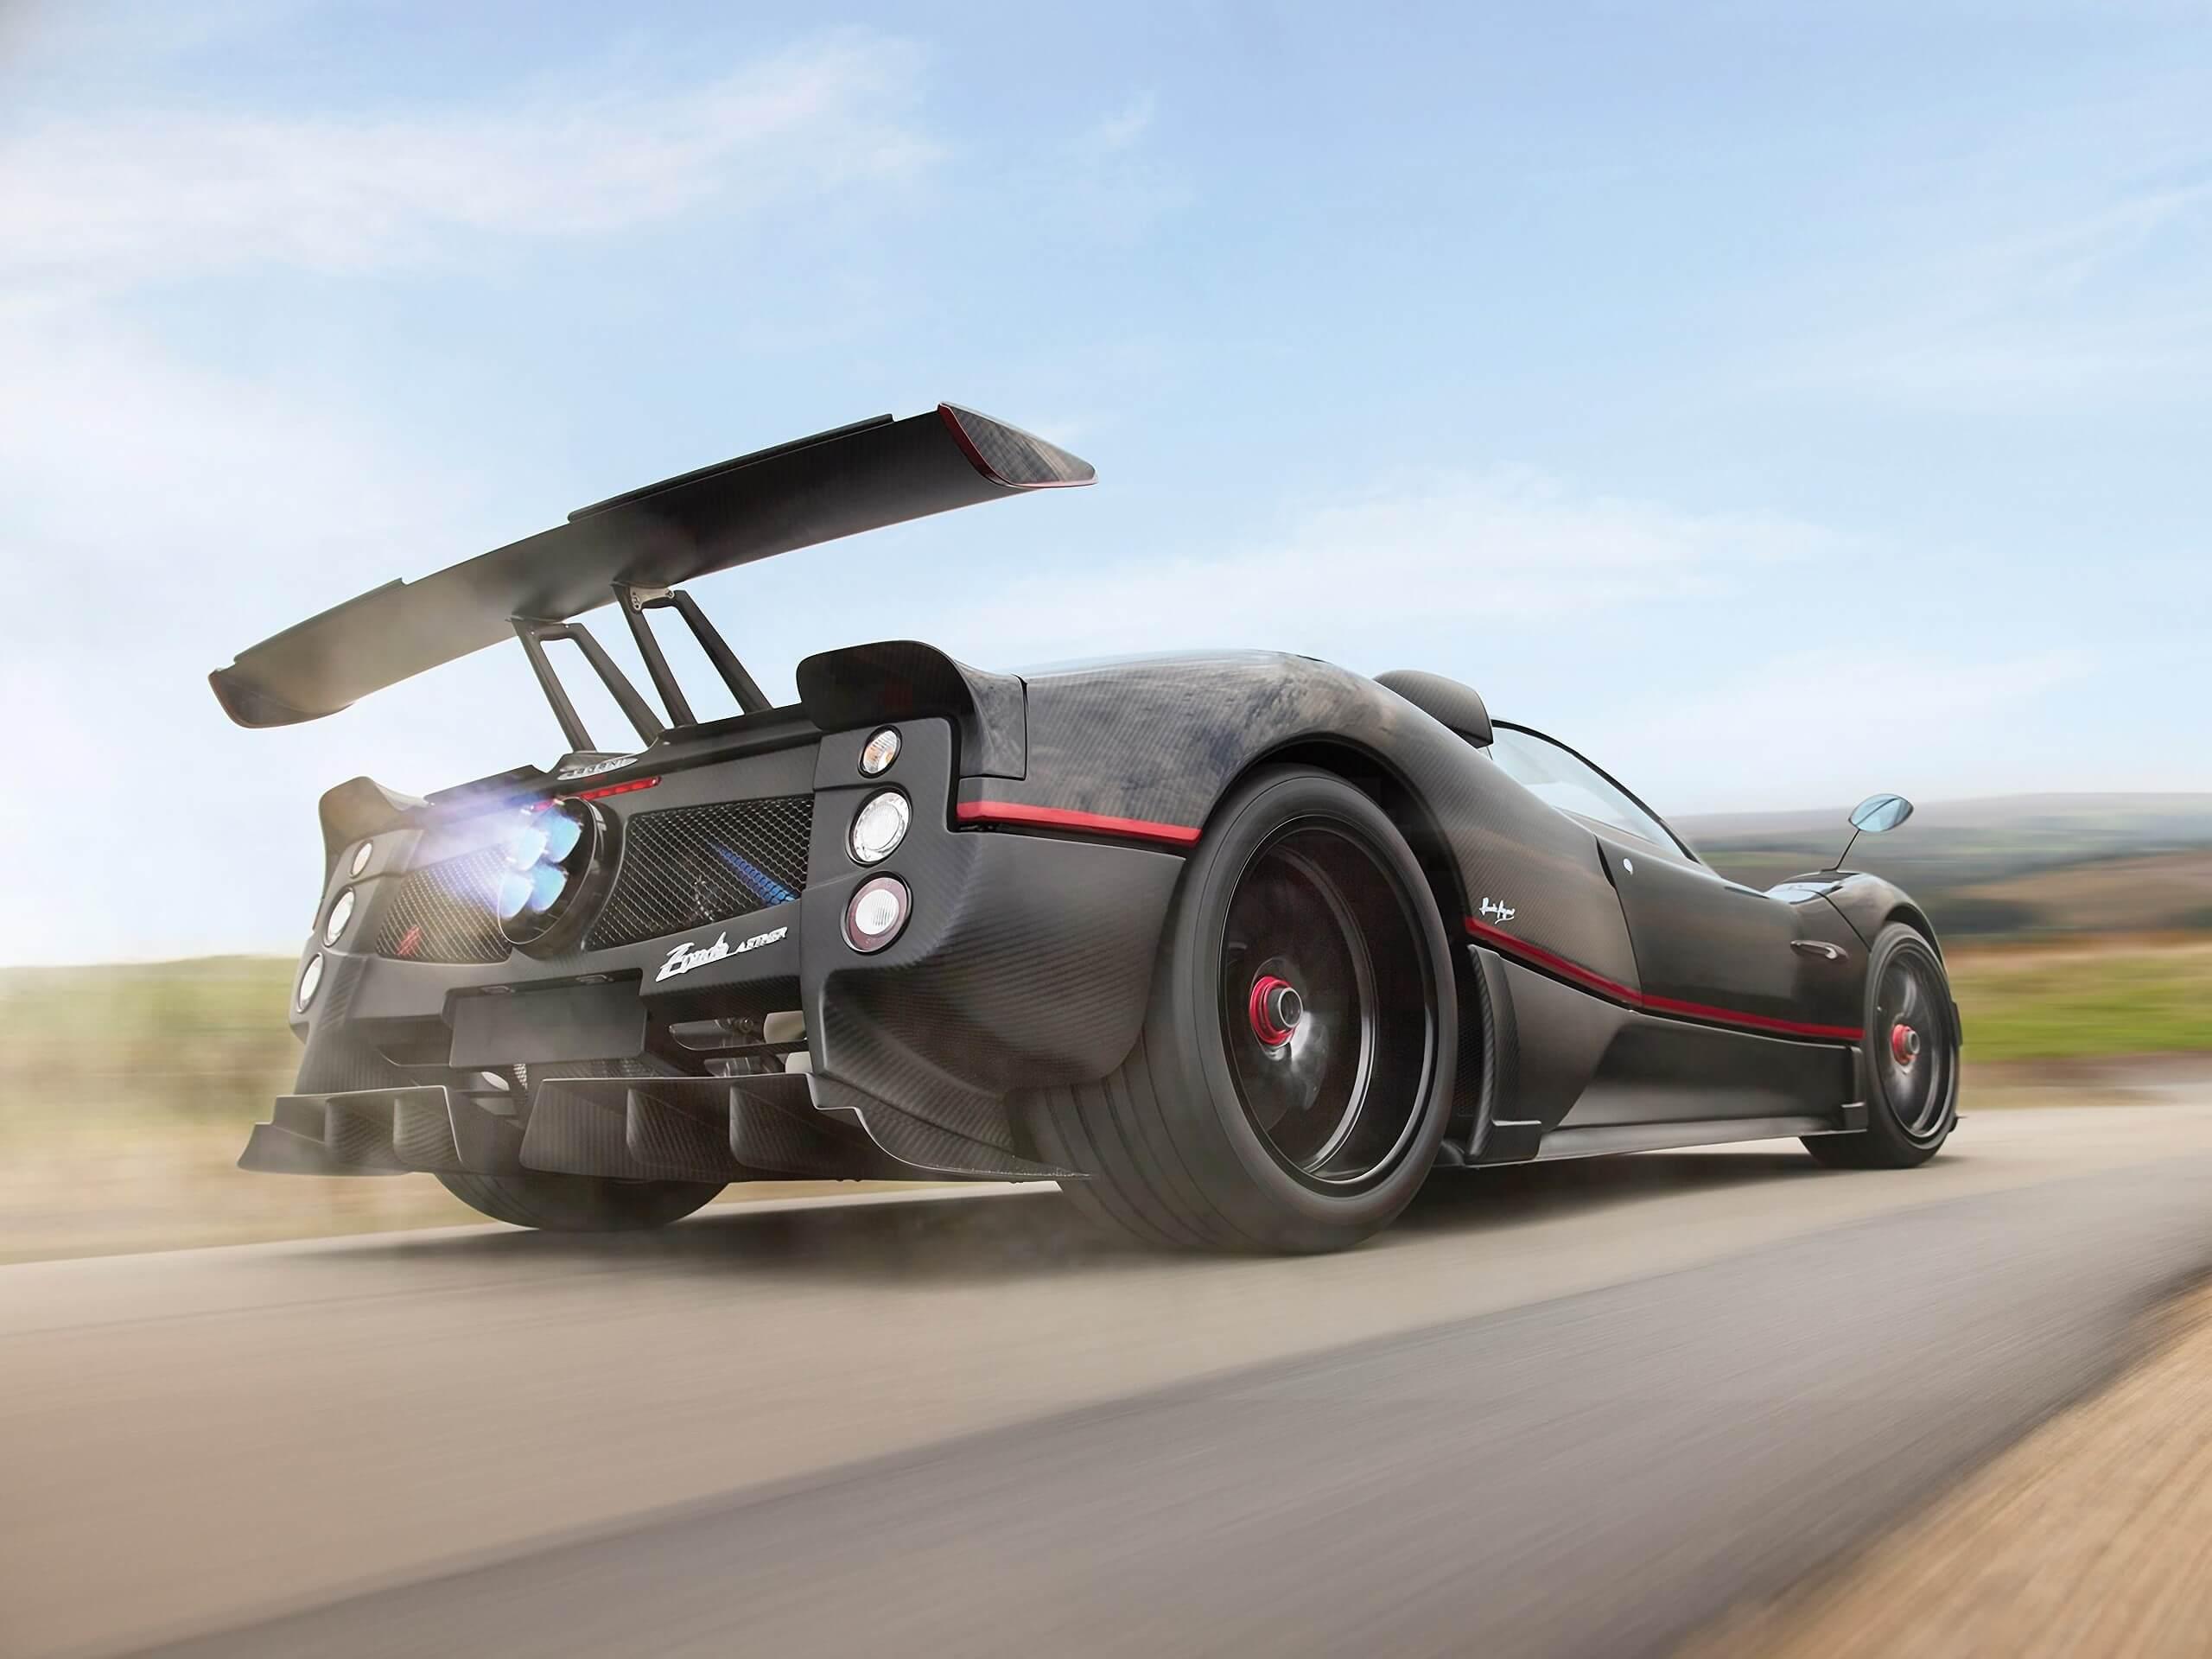 На днях аукционный дом Sotheby's продал уникальный Pagani Zonda Aether. Изначально суперкар с механической коробкой передач и без крыши планировали реализовать максимум за $5 500 000, но итоговая цена оказалась на $682 000 больше. На сегодняшний день это самая дорогая «Зонда», проданная на аукционе.